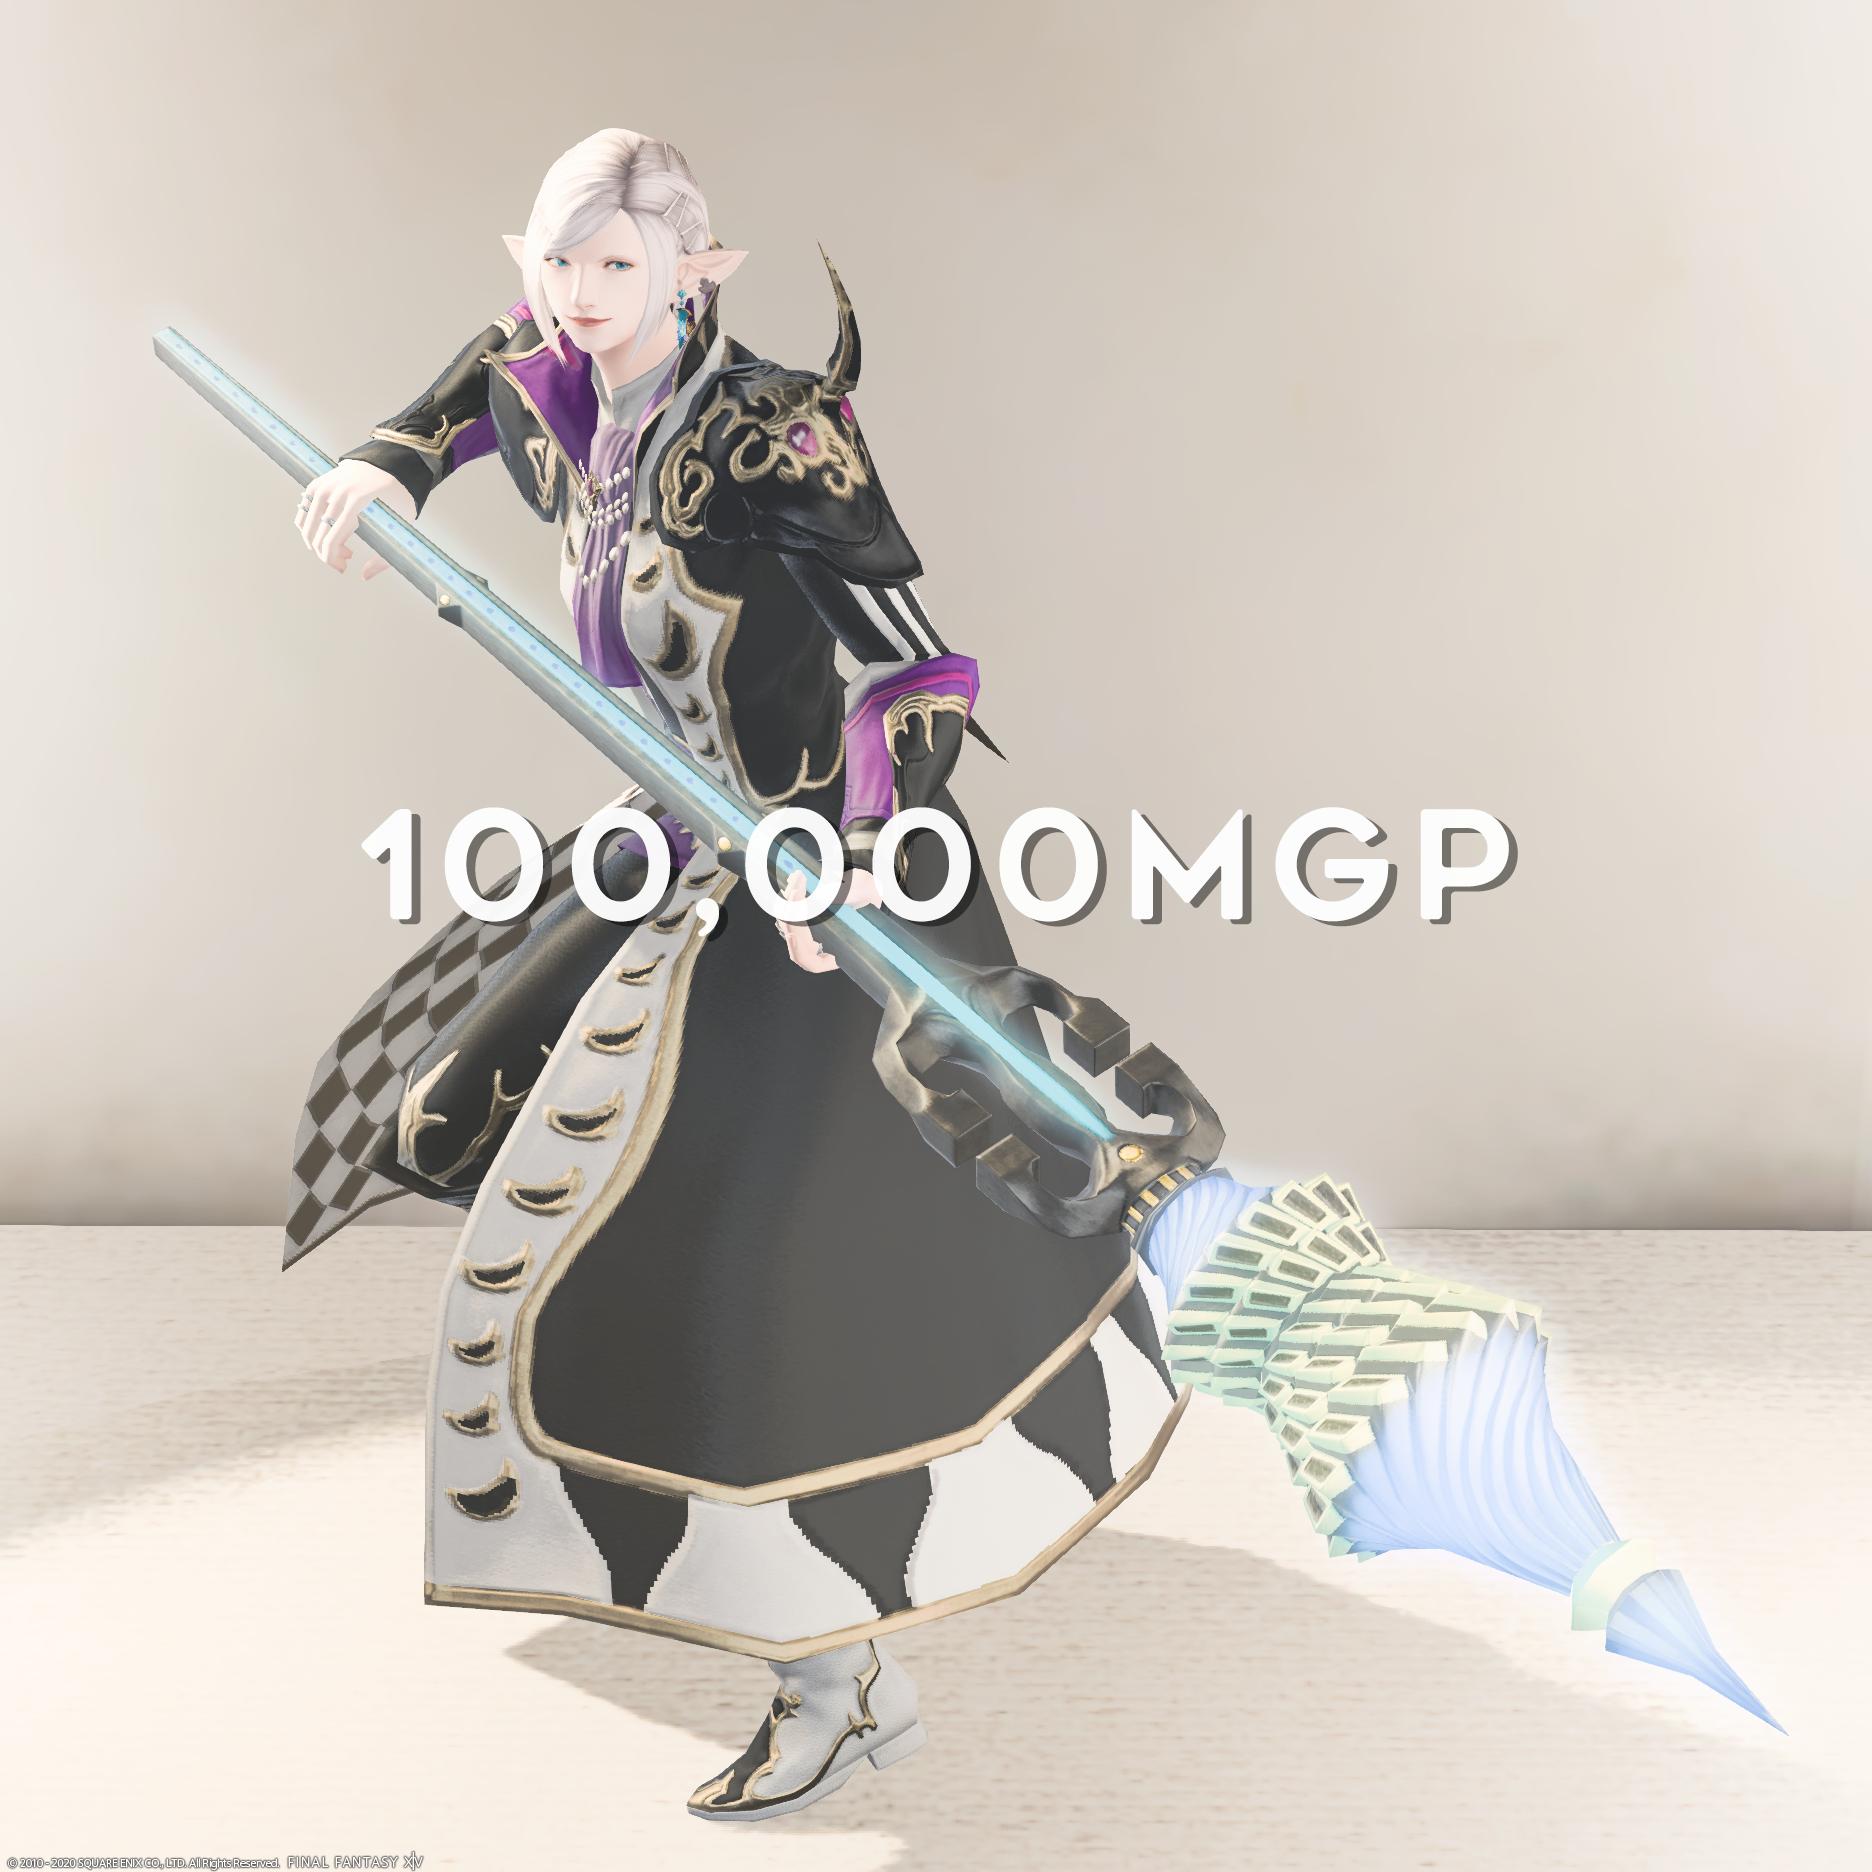 10,000MGP